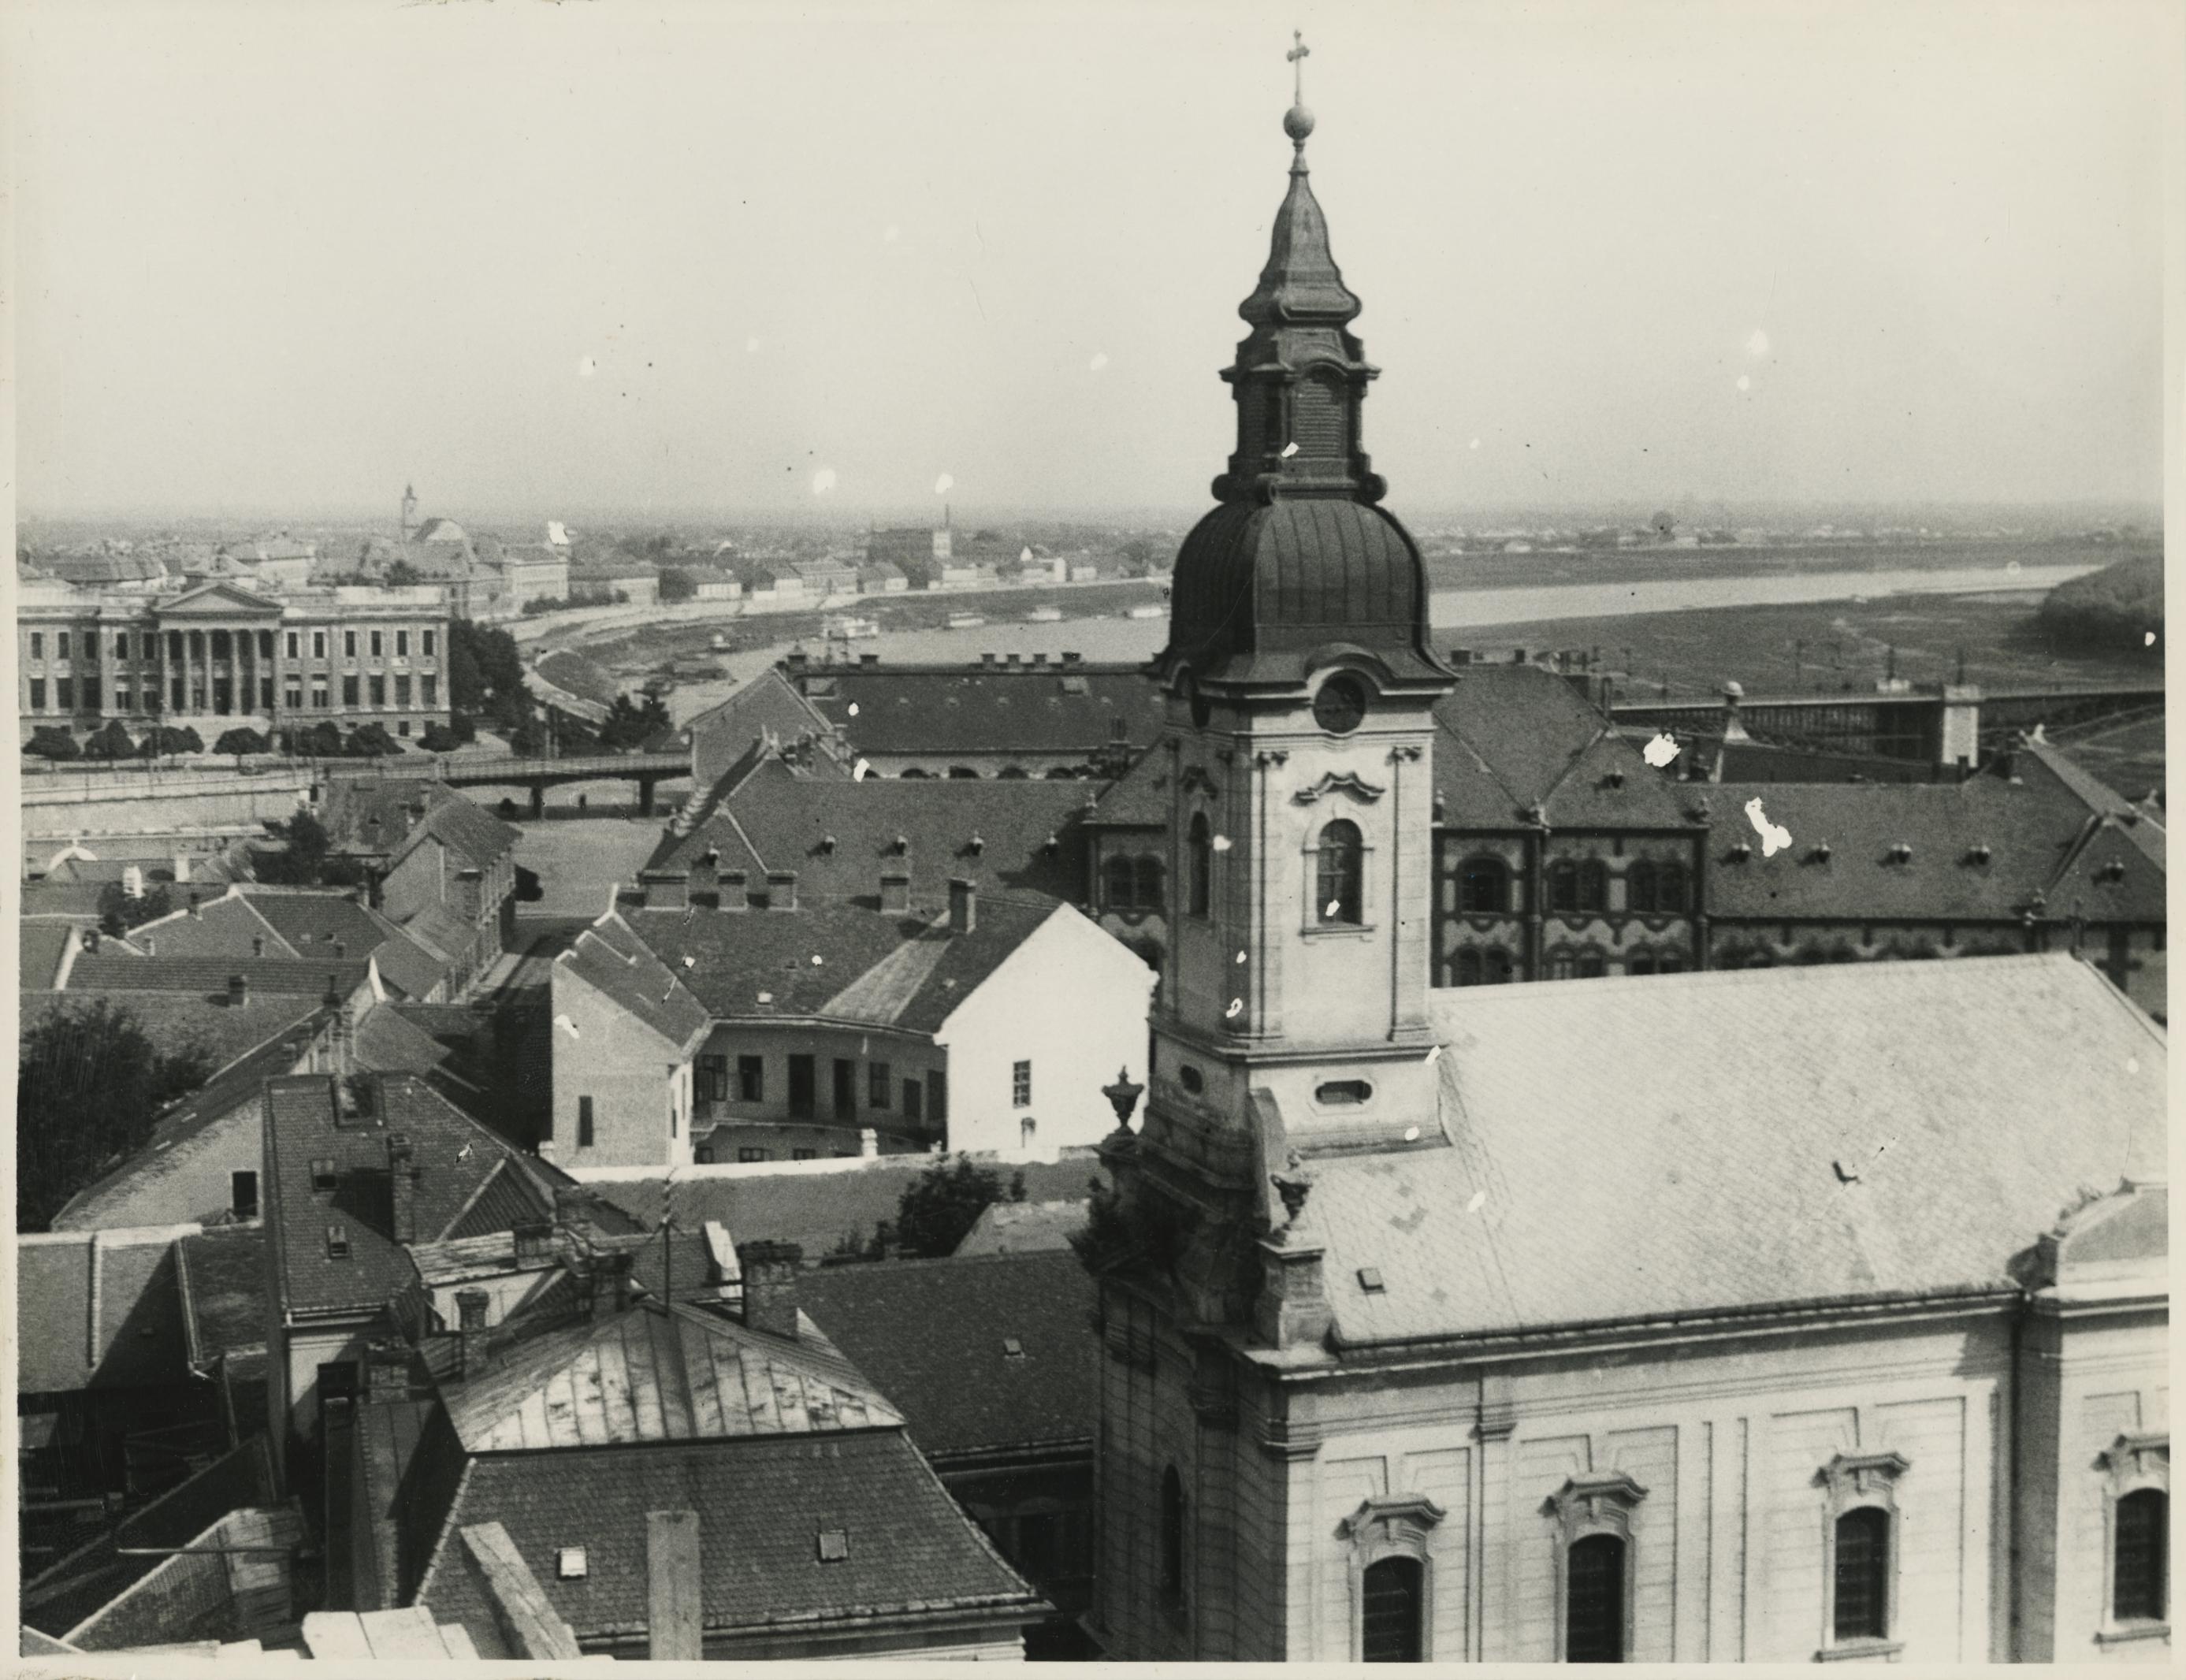 Szeged látképe a Szent Miklós szerb ortodox templommal